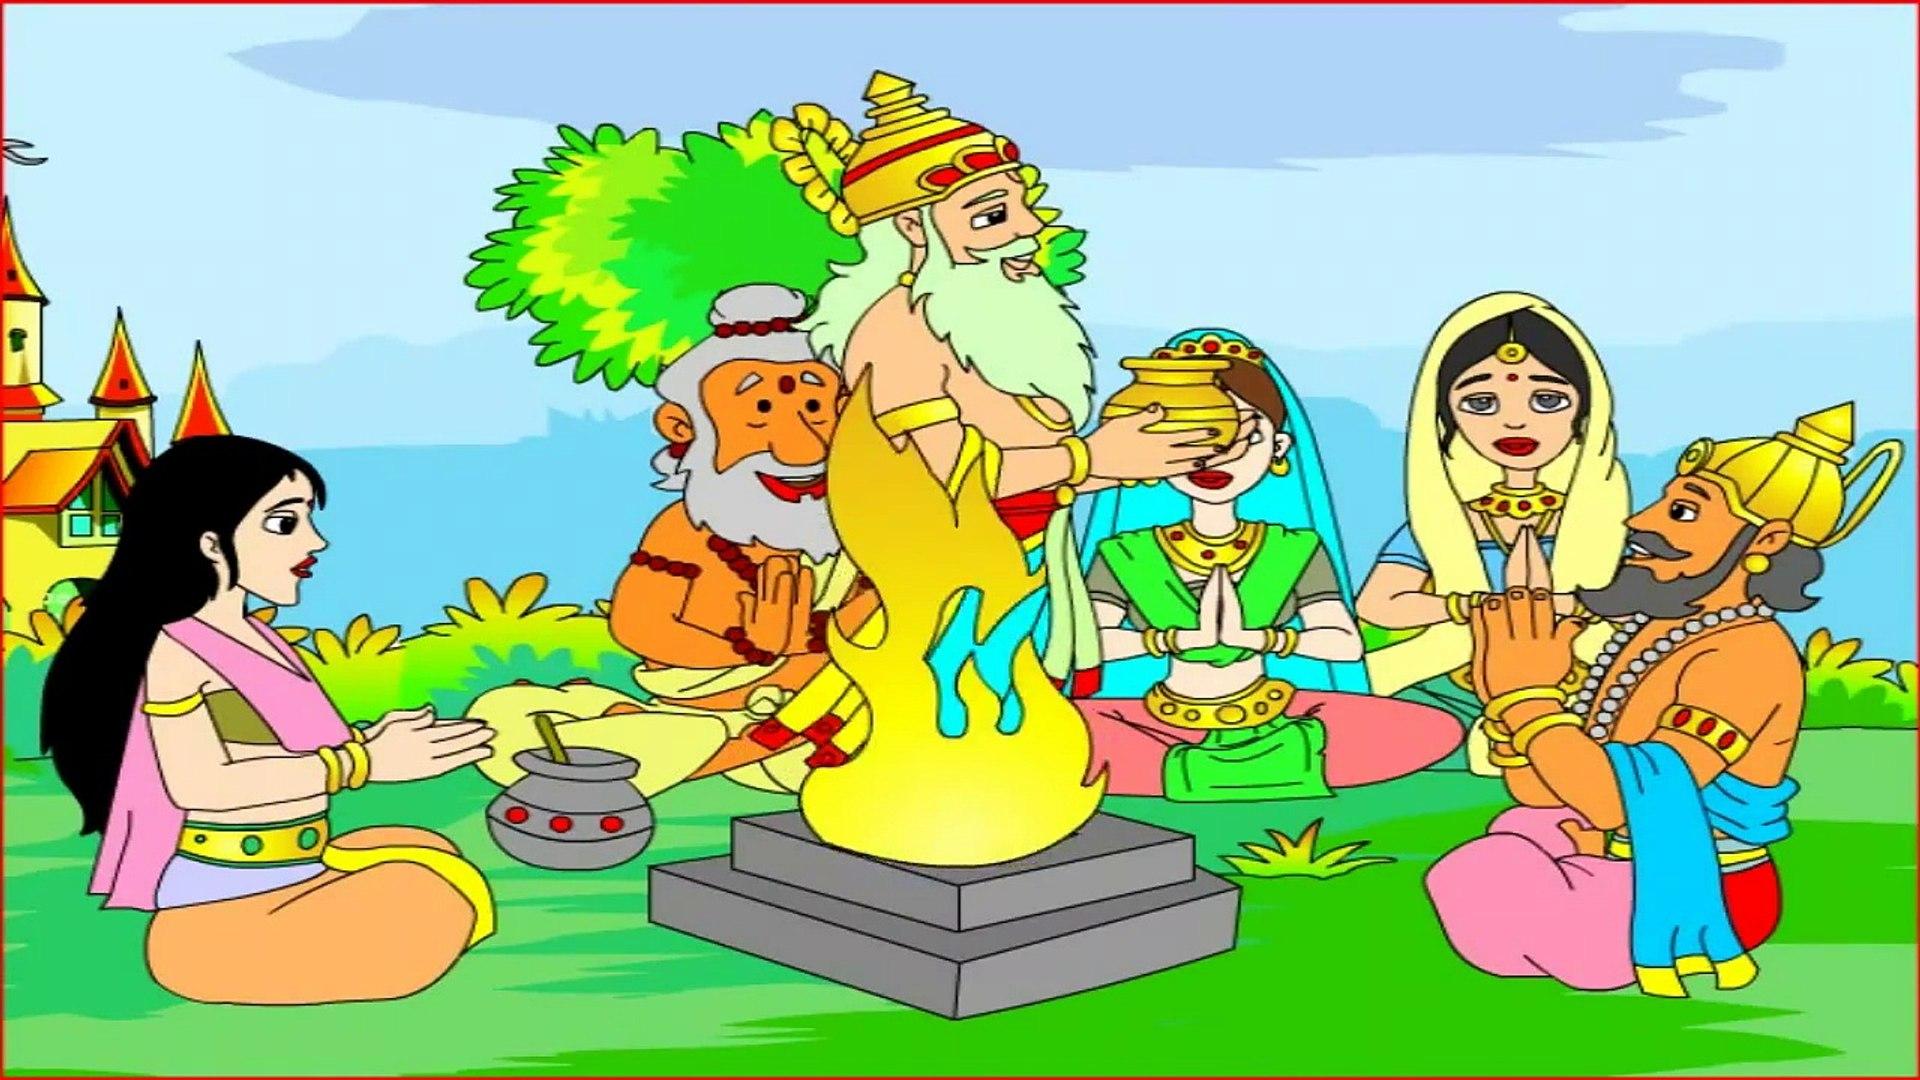 Little Rama ## Animated Mythological Story - Kids Education